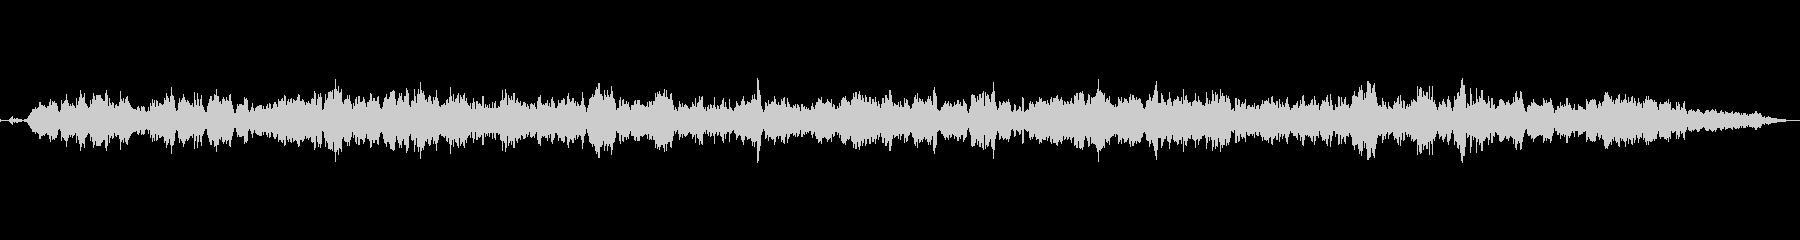 アヴェマリア・鳥の声とヒーリング曲3の未再生の波形